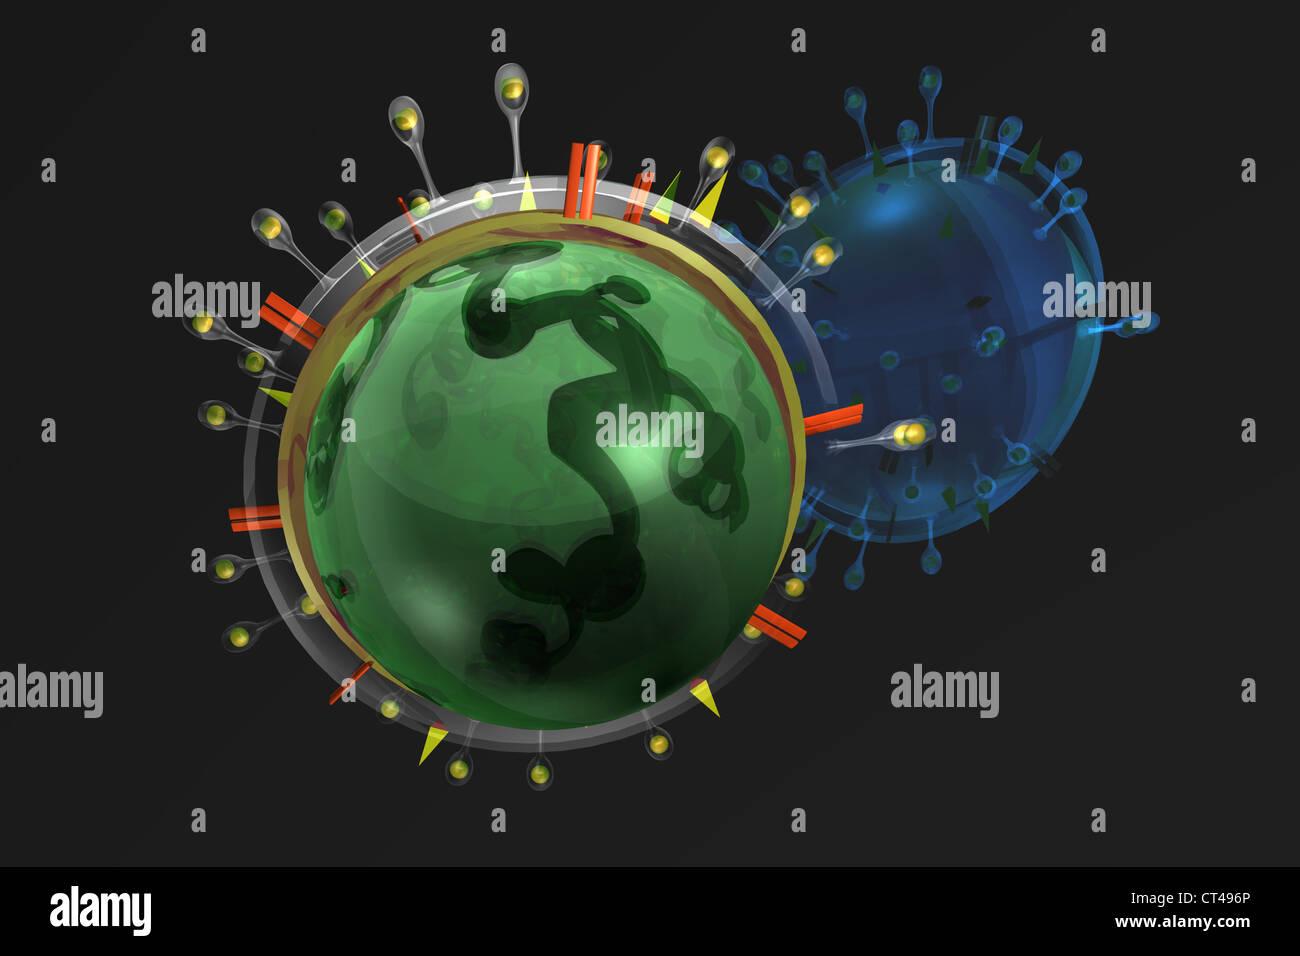 AVIAN INFLUENZA VIRUS - Stock Image